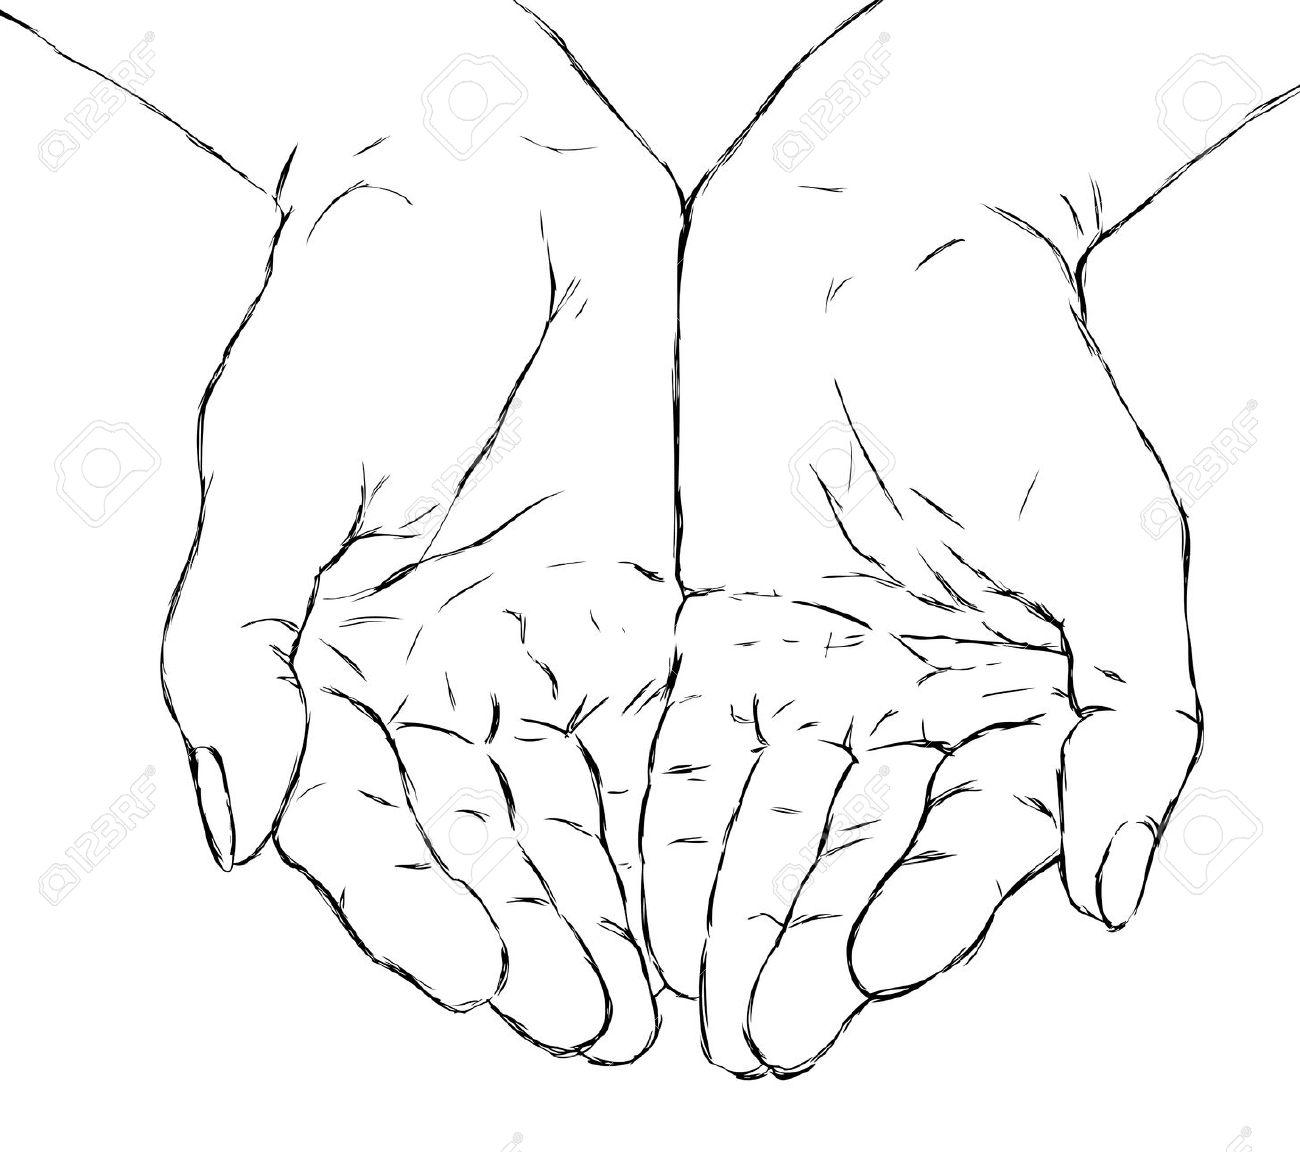 Gods clipart open hand Open Open Hands k